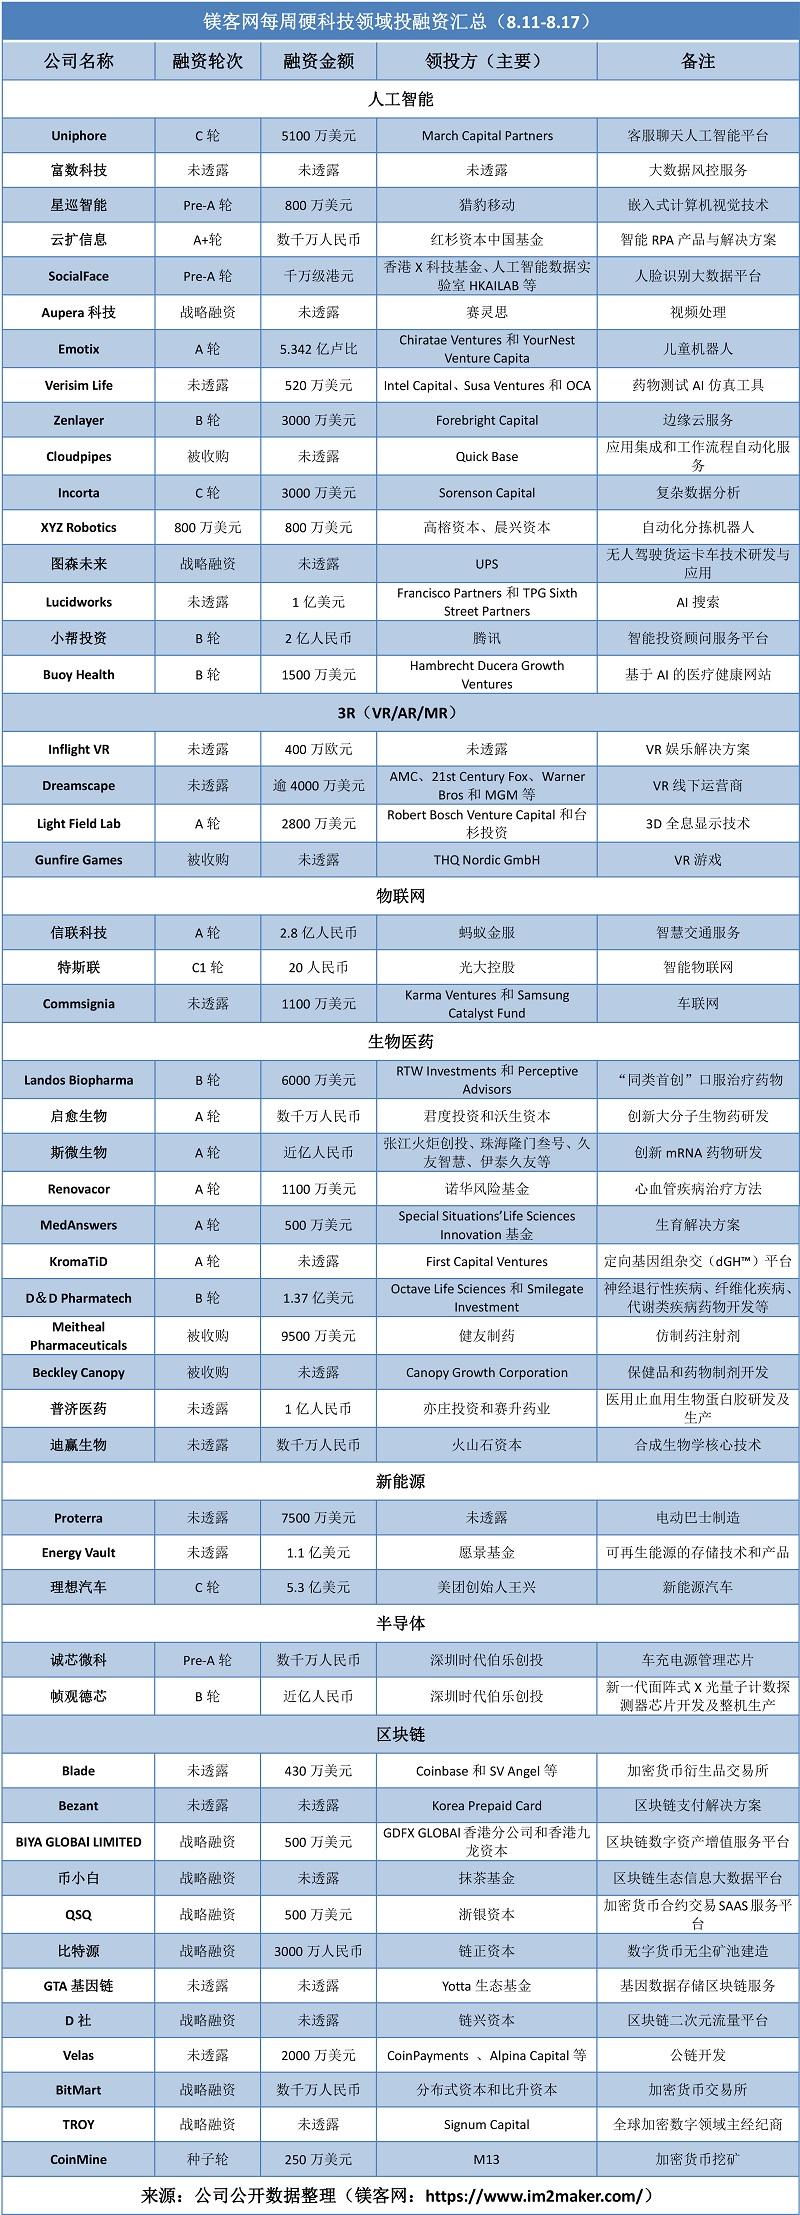 """镁客网每周硬科技领域投融资汇总(8.11-8.17),理想汽车""""官宣""""C轮融资"""